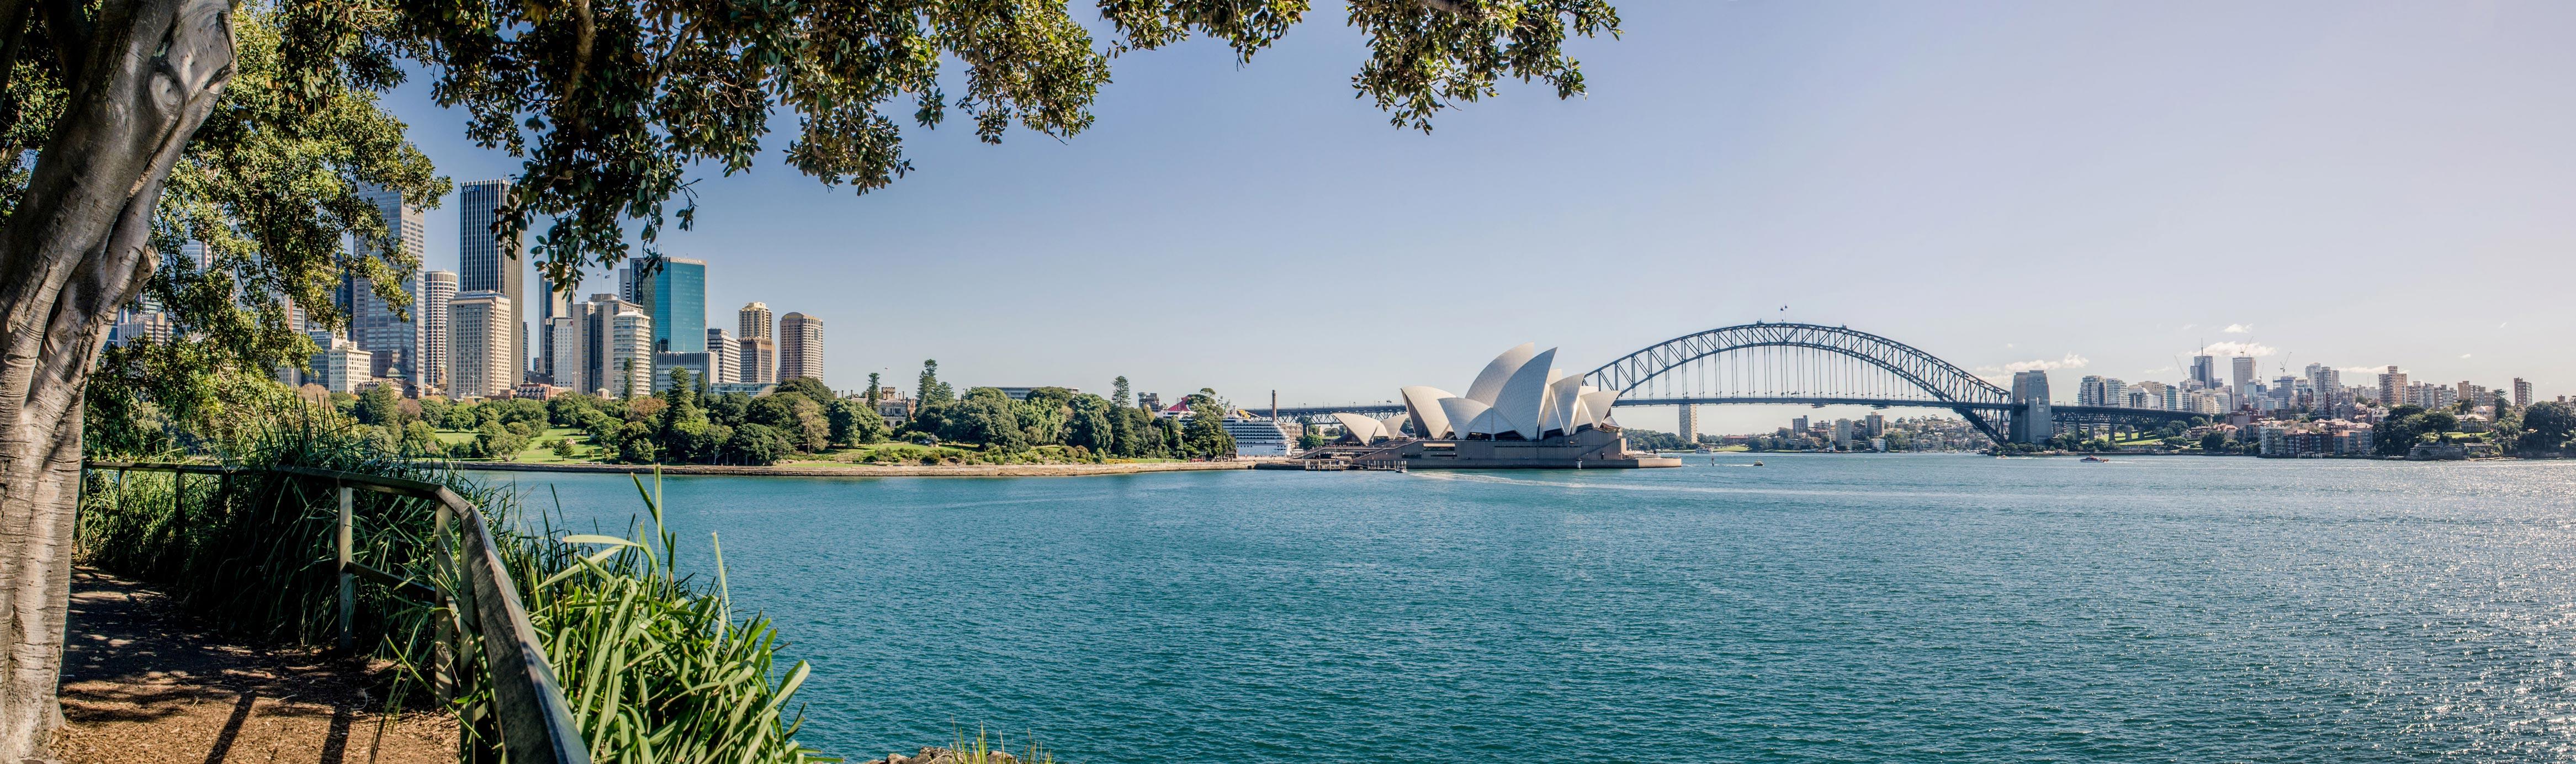 Paesaggi-Australia - DSC 7475  - Sydney-Opera-House_Harbour-Bridge-Australia - Sydney-Opera-House_Harbour-Bridge-Australia